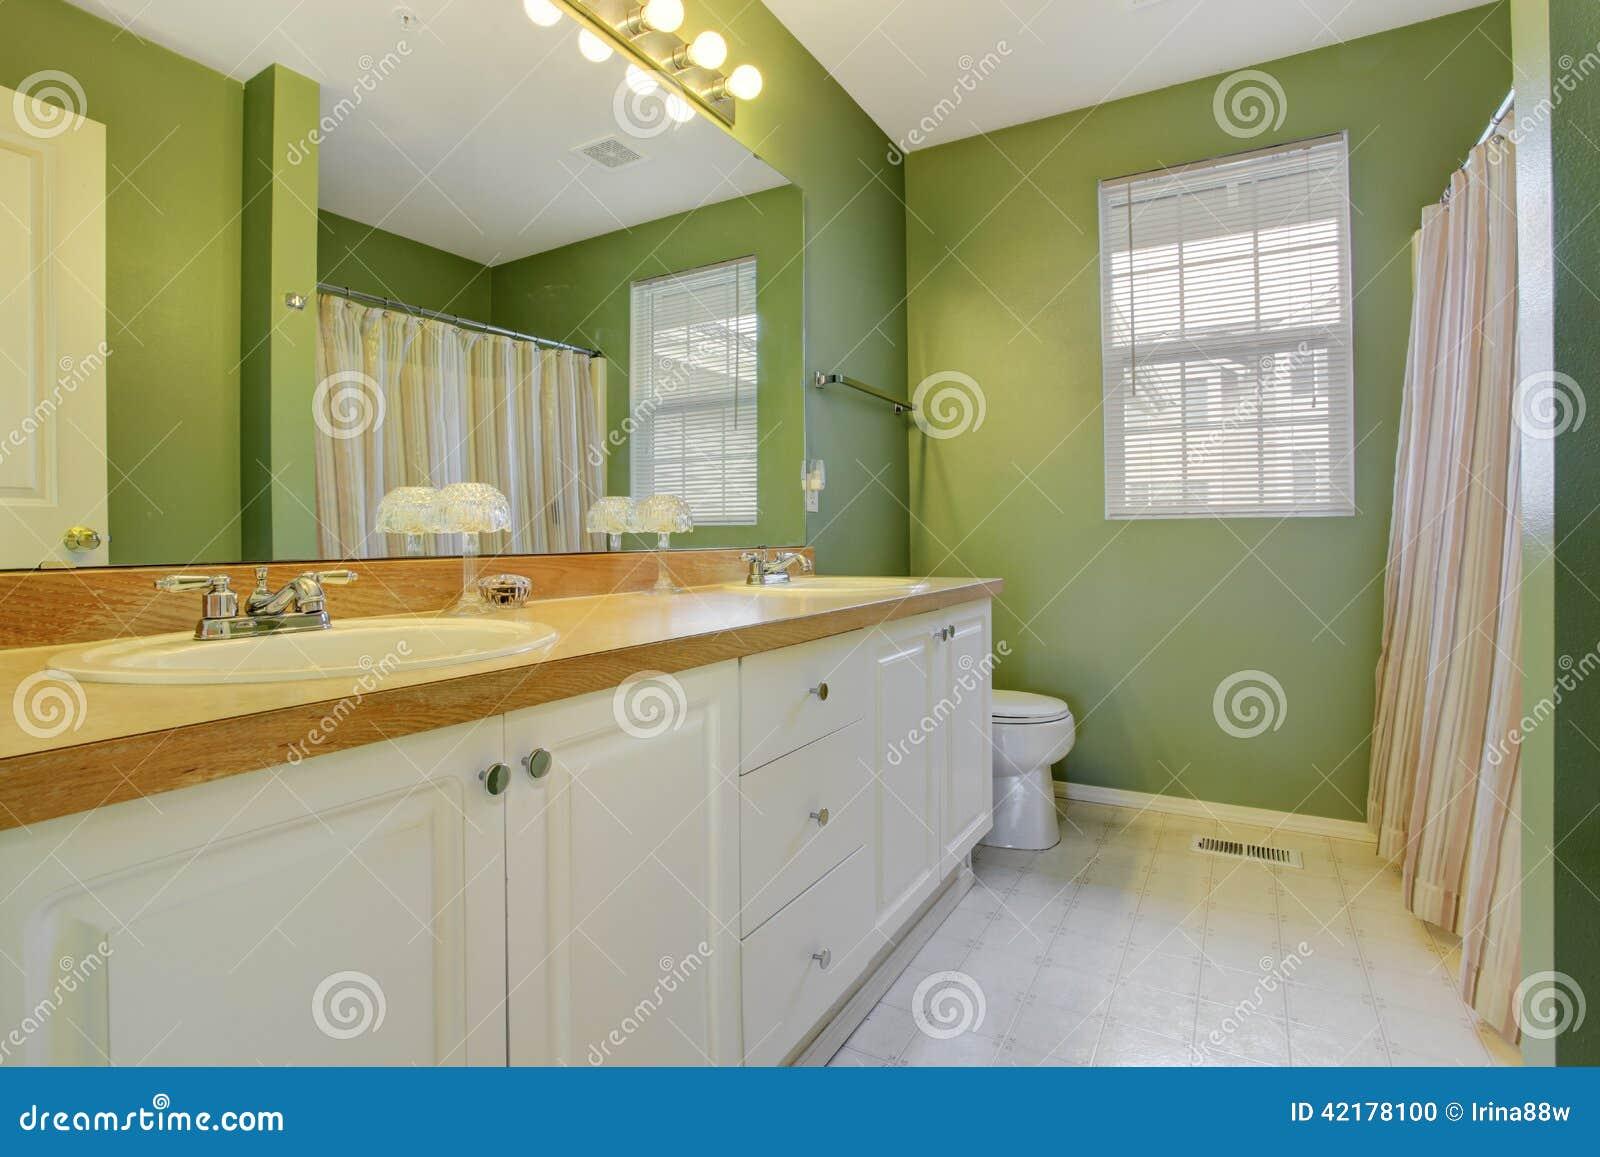 Interno Verde Intenso Del Bagno Fotografia Stock - Immagine: 42178100